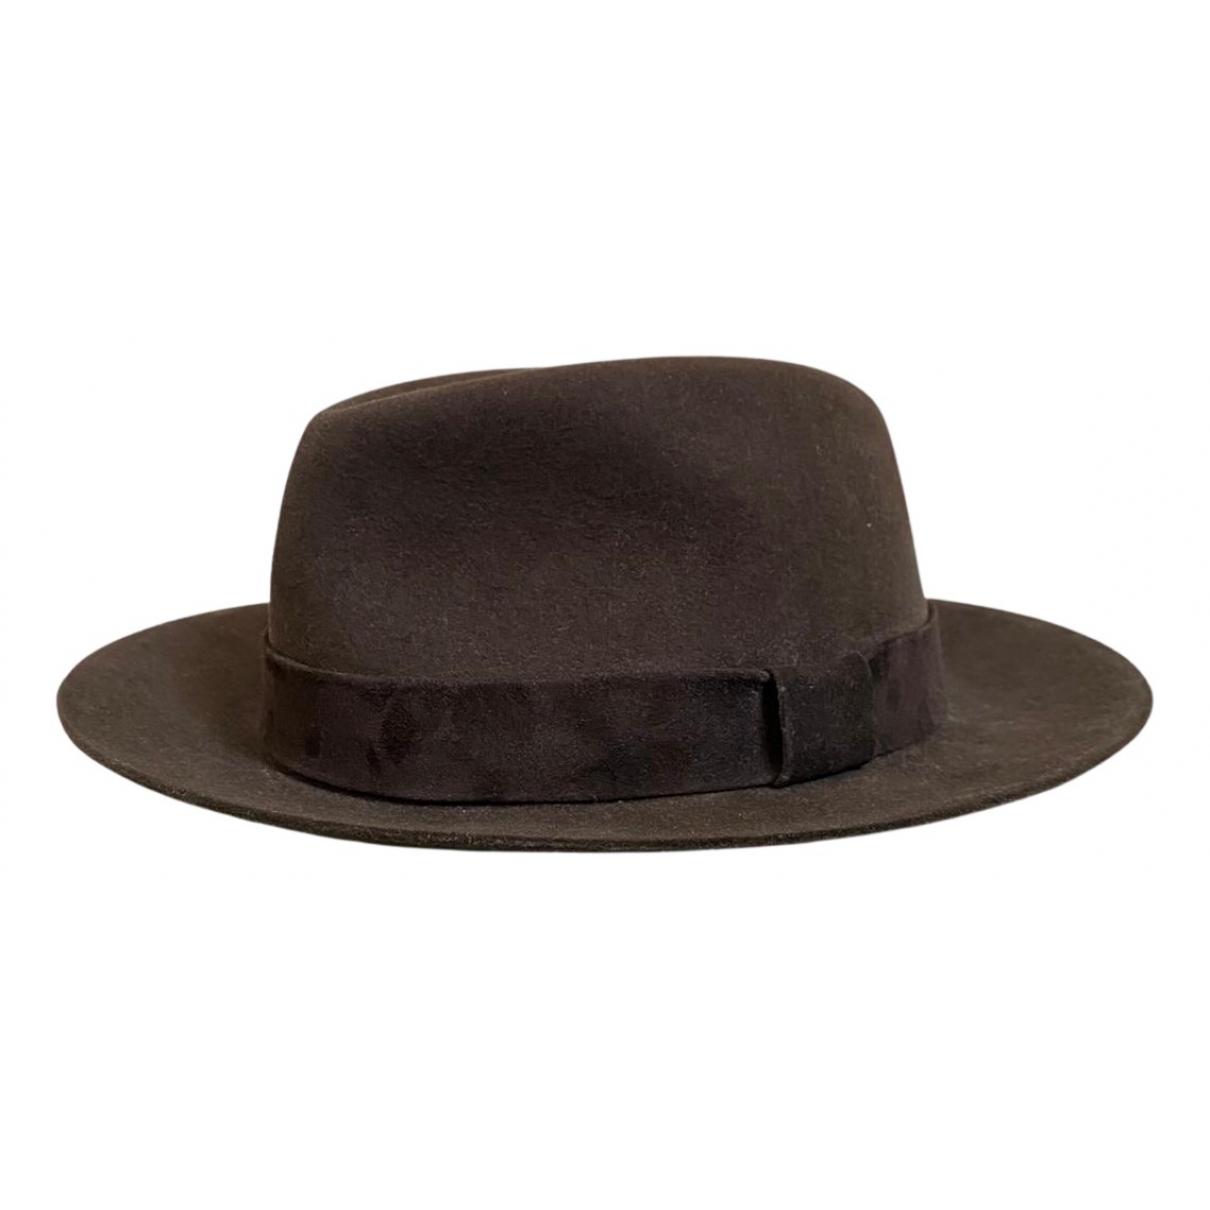 Sombrero / gorro de Lana Ermenegildo Zegna